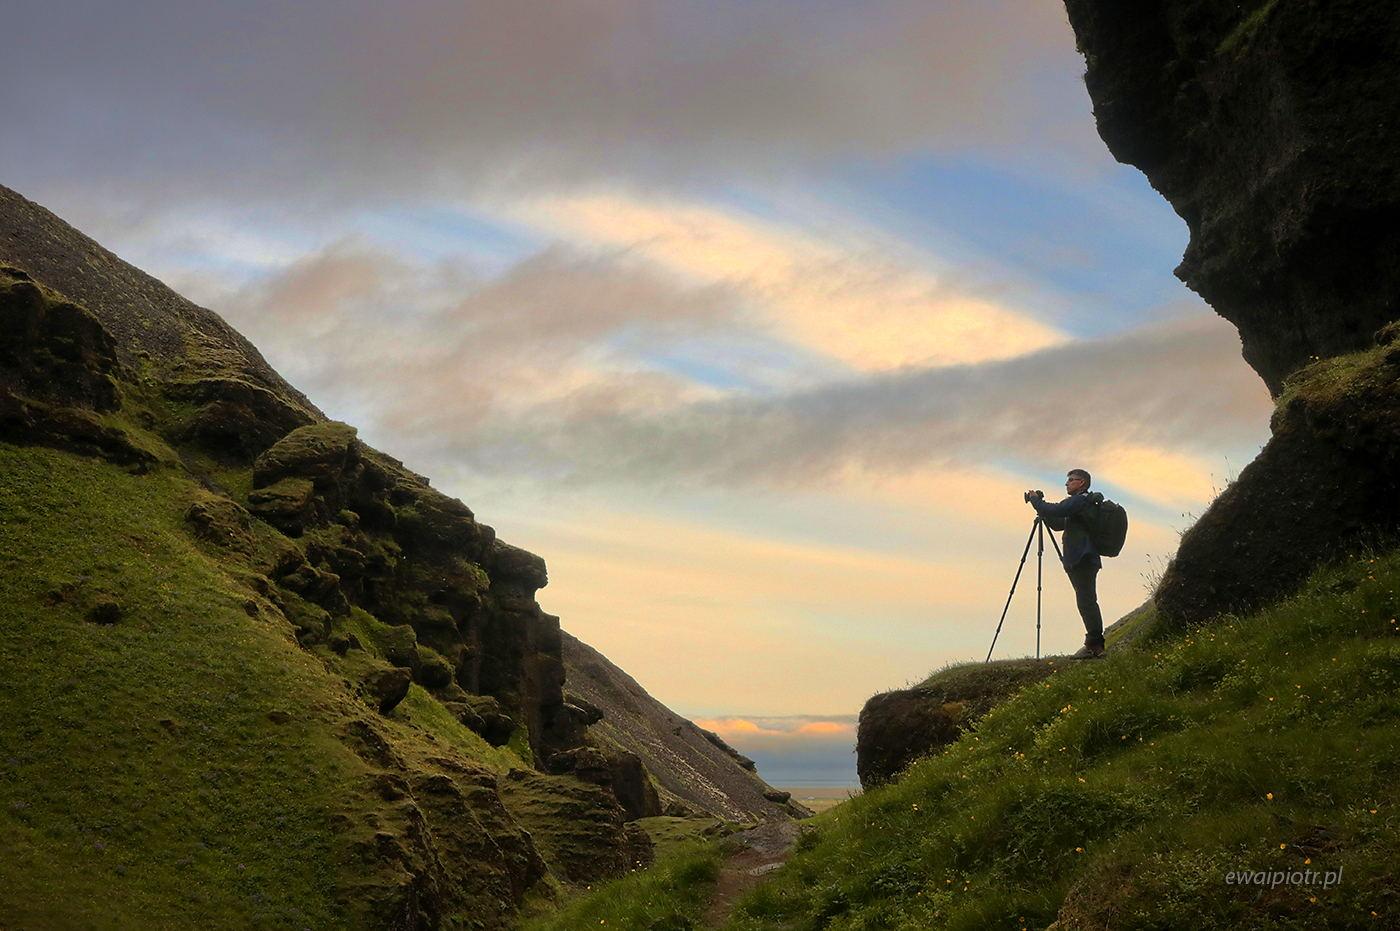 Islandia jednego człowieka, cykl, warsztaty fotograficzne